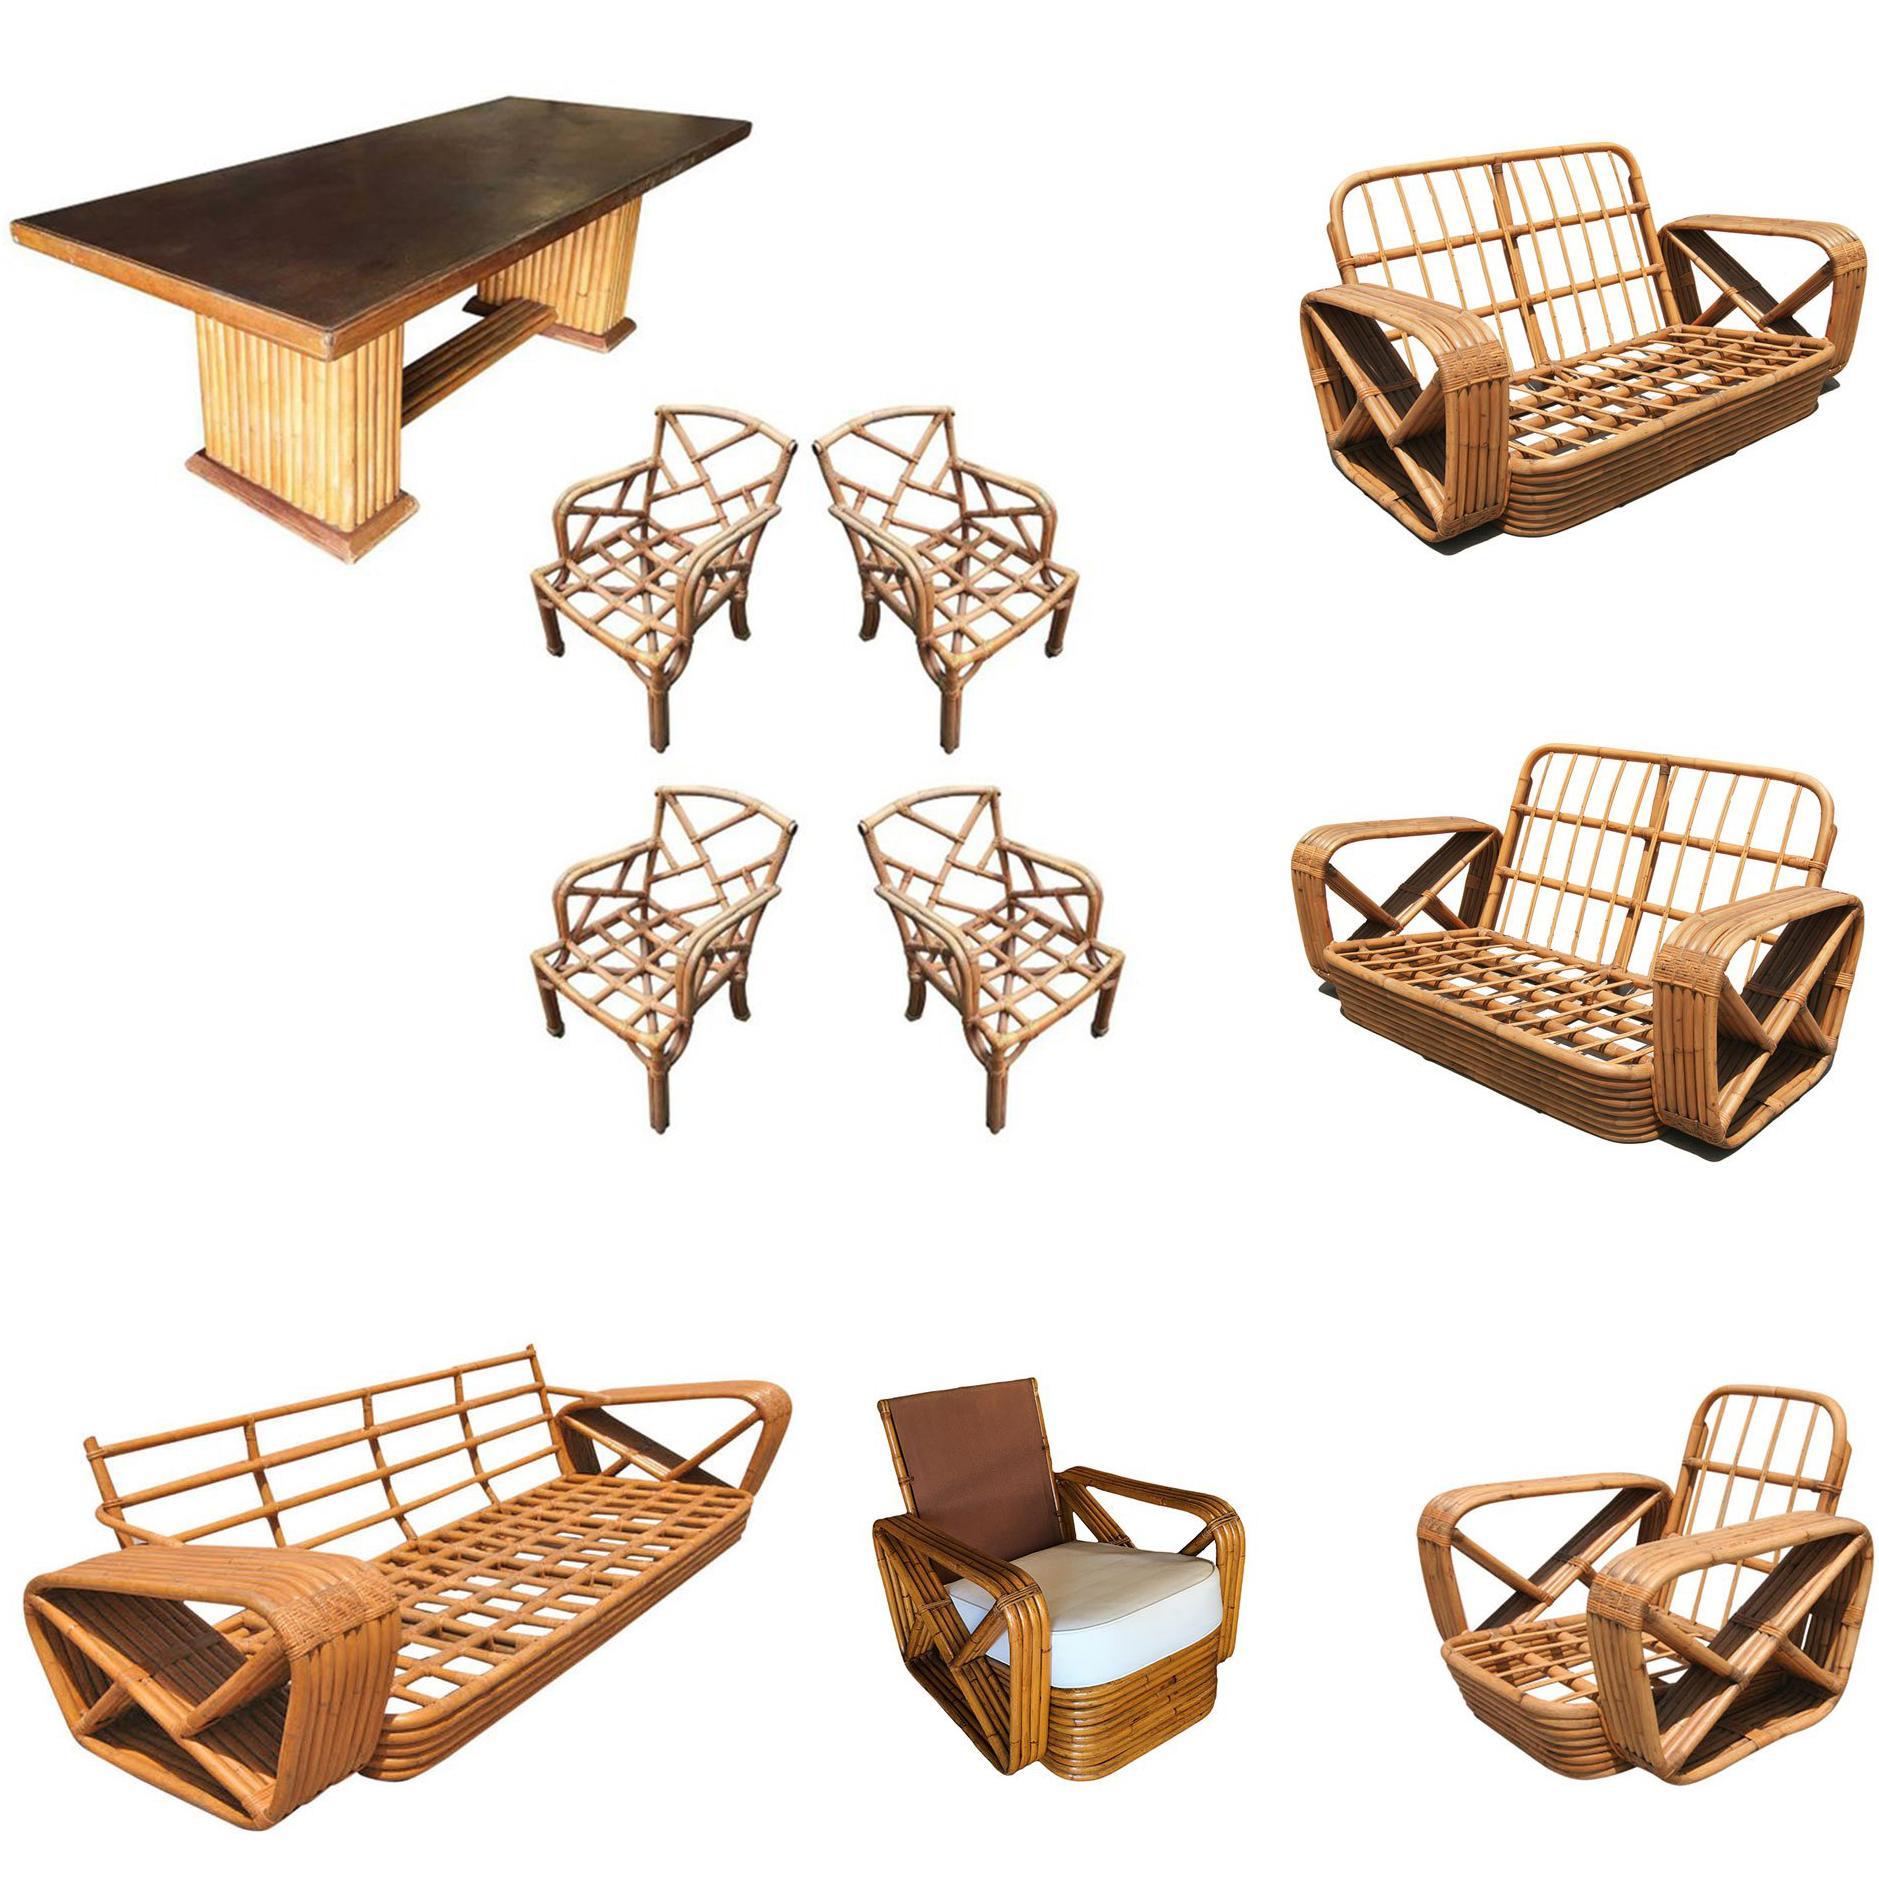 Original Paul Frankl Living and Dining Room Furniture Set